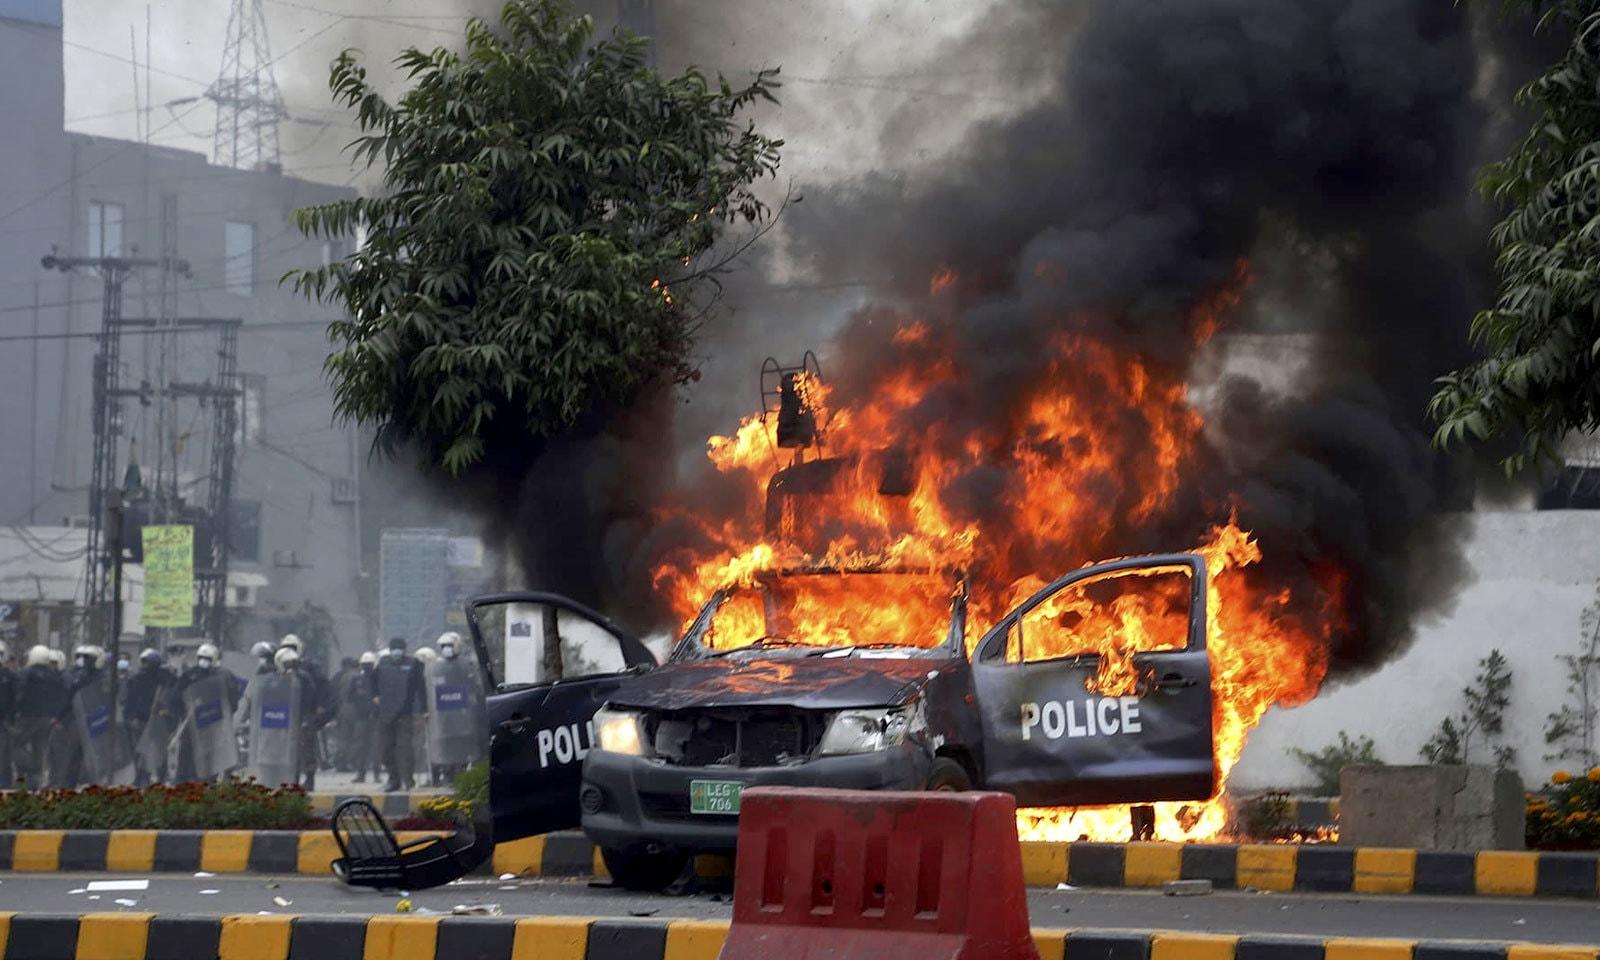 مشتعل افراد نے ایک پولیس موبائل کو بھی آگ لگادی — فوٹو: اے پی